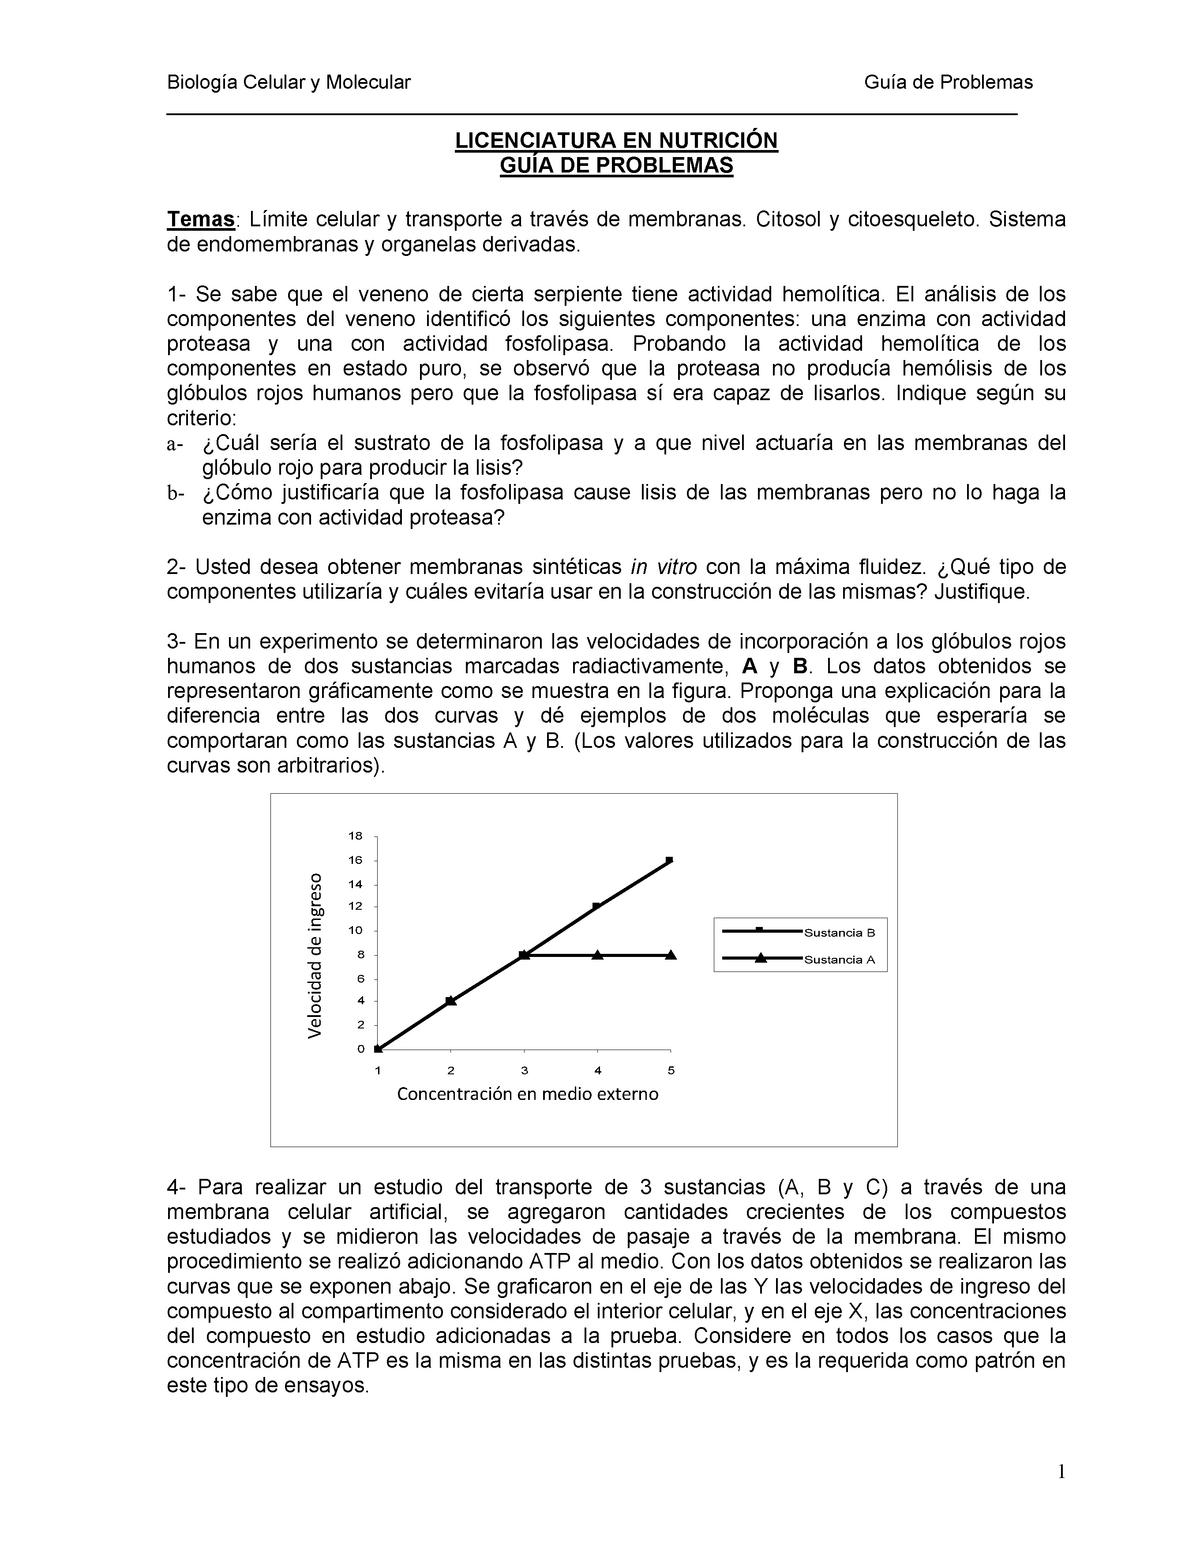 Guía De Problemas 1ra Parte 993 Biología Celular Y Molecular